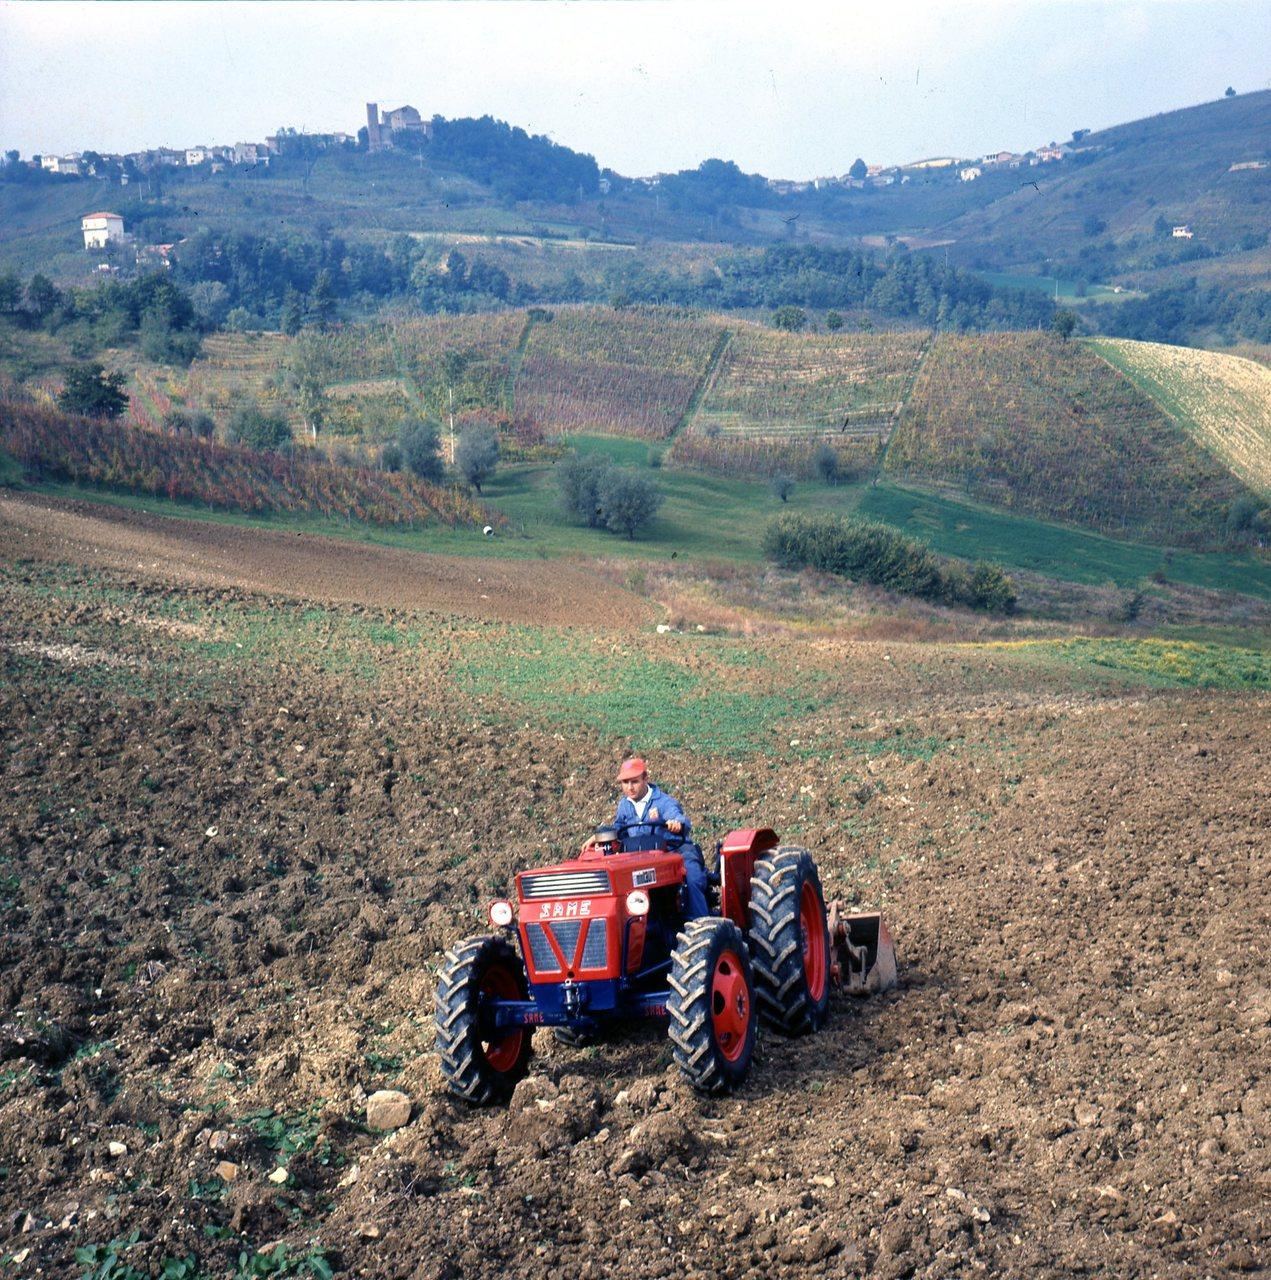 [SAME] SAME Minitauro in collina, Tenuta Scagno - Conte dal Pozzo, Pietra de' Giorgi (PV), 8-9/10/68